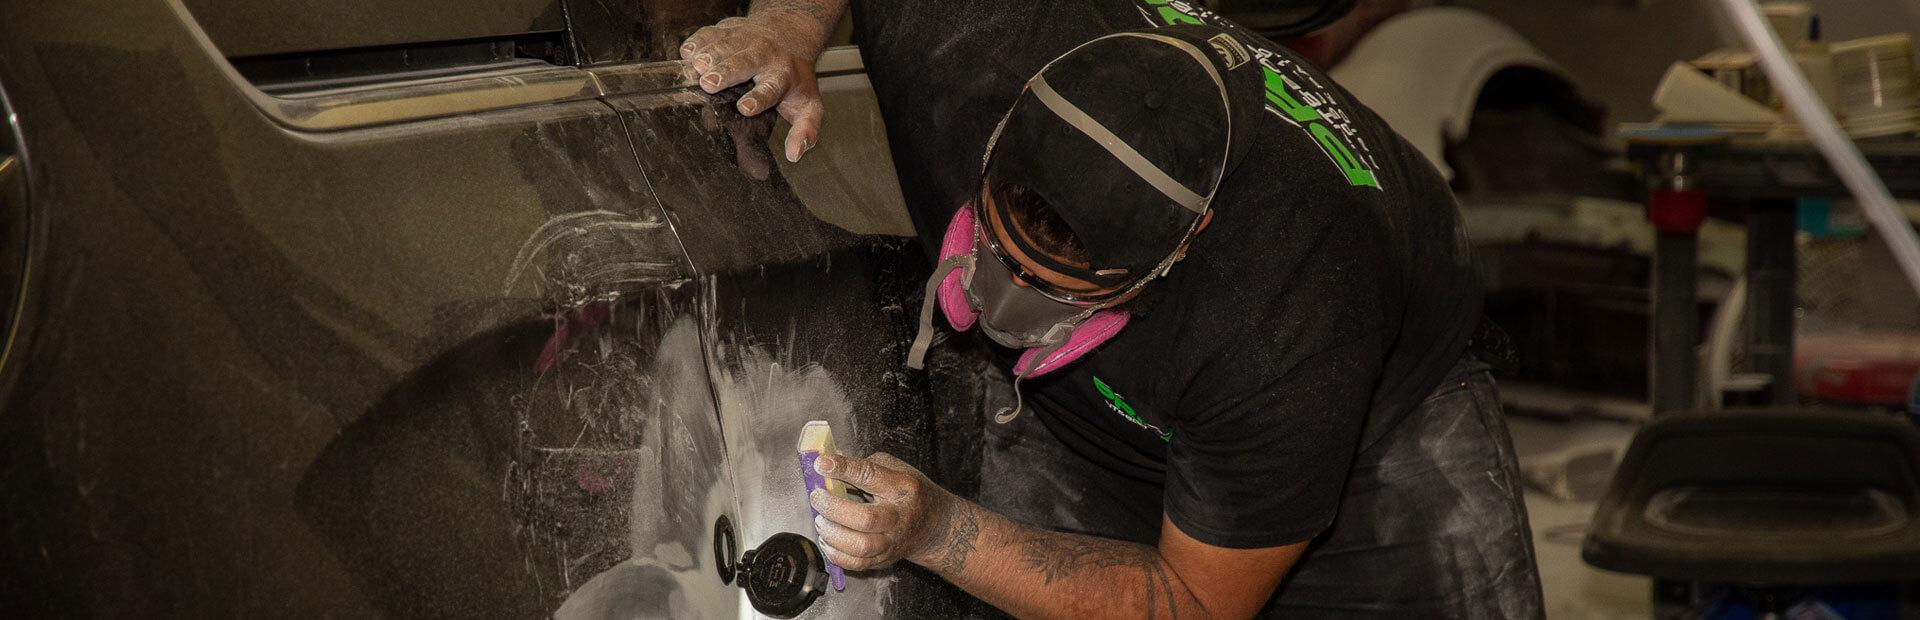 Pride Paint & Body Werks